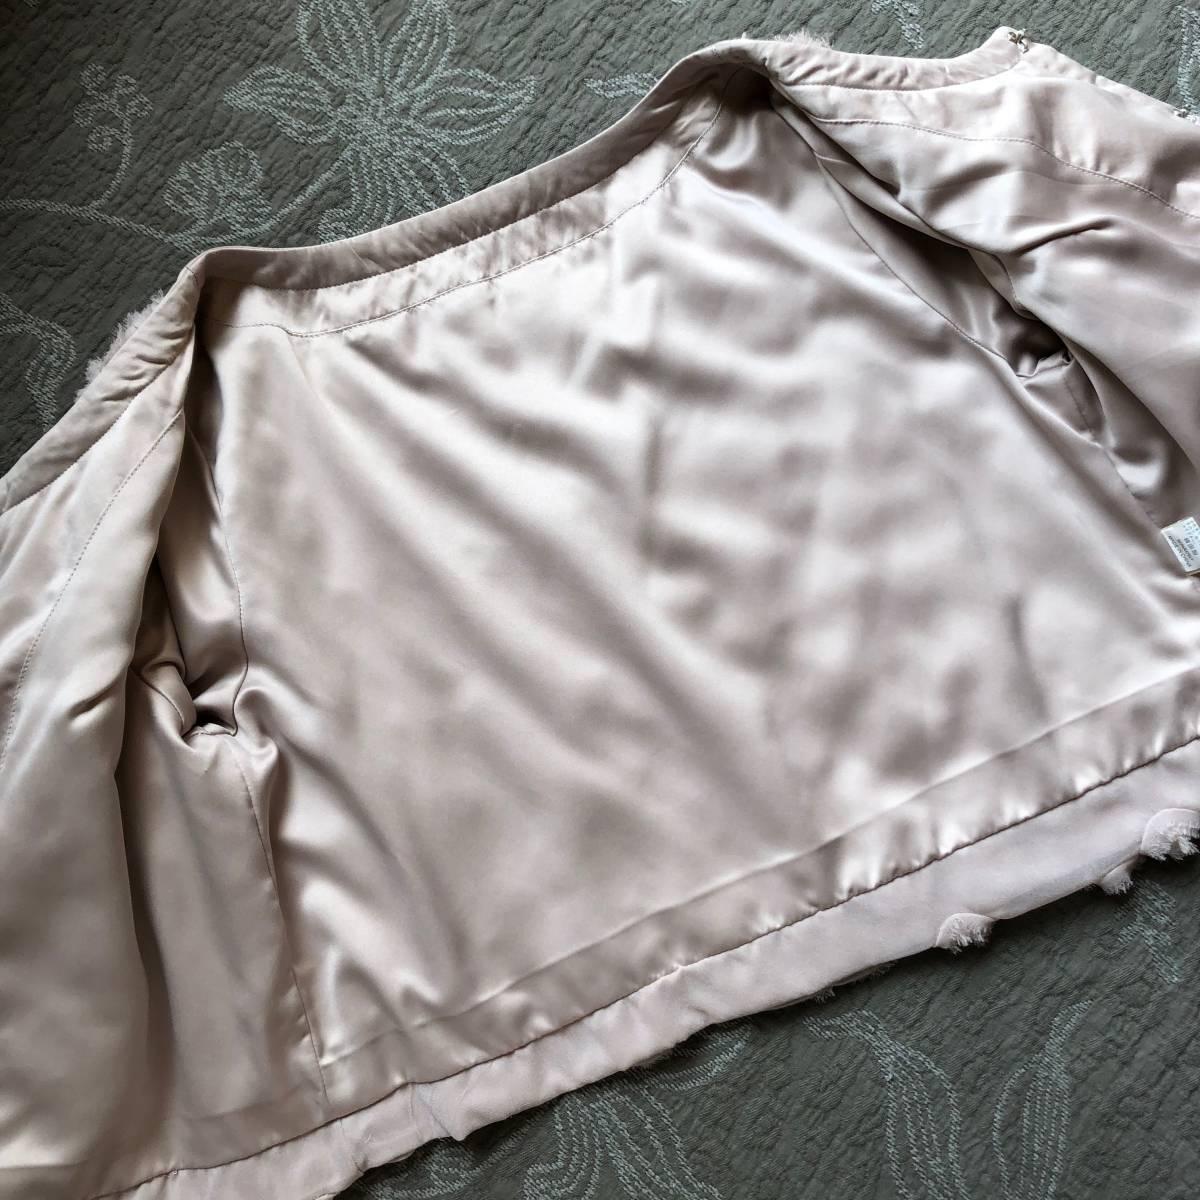 ピンクベージュ ノーカラージャケット ショート丈 S-Mの方に ローズ薔薇いっぱい *上品フェミニンお呼ばれボレロ好き 難ありリメイク素材_画像7